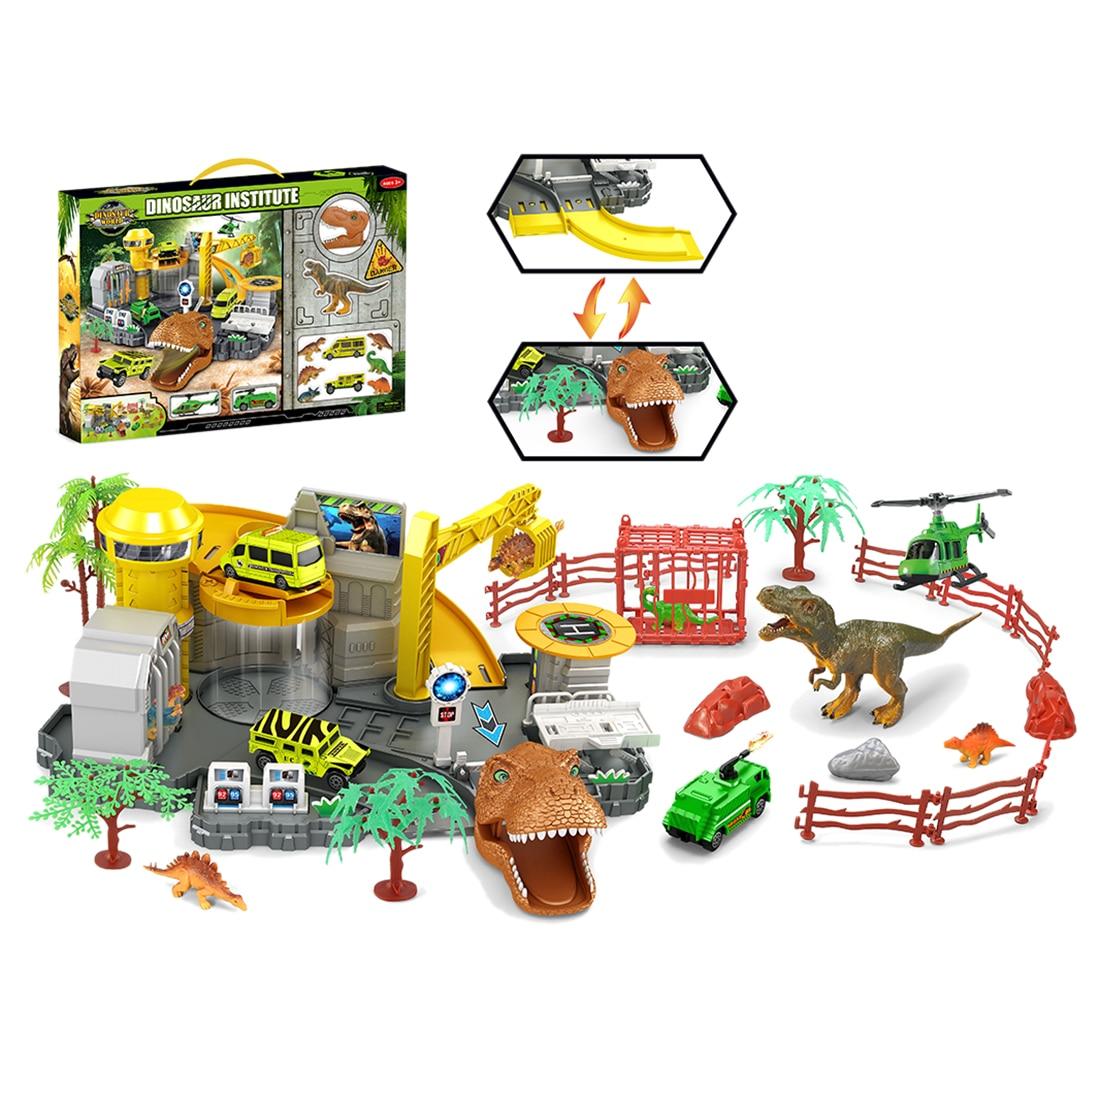 2 в 1 складной ящик для хранения динозавров сцена Ползания коврик Имитация Динозавра модель обучающая игрушка Рождественский подарок для де... - 1